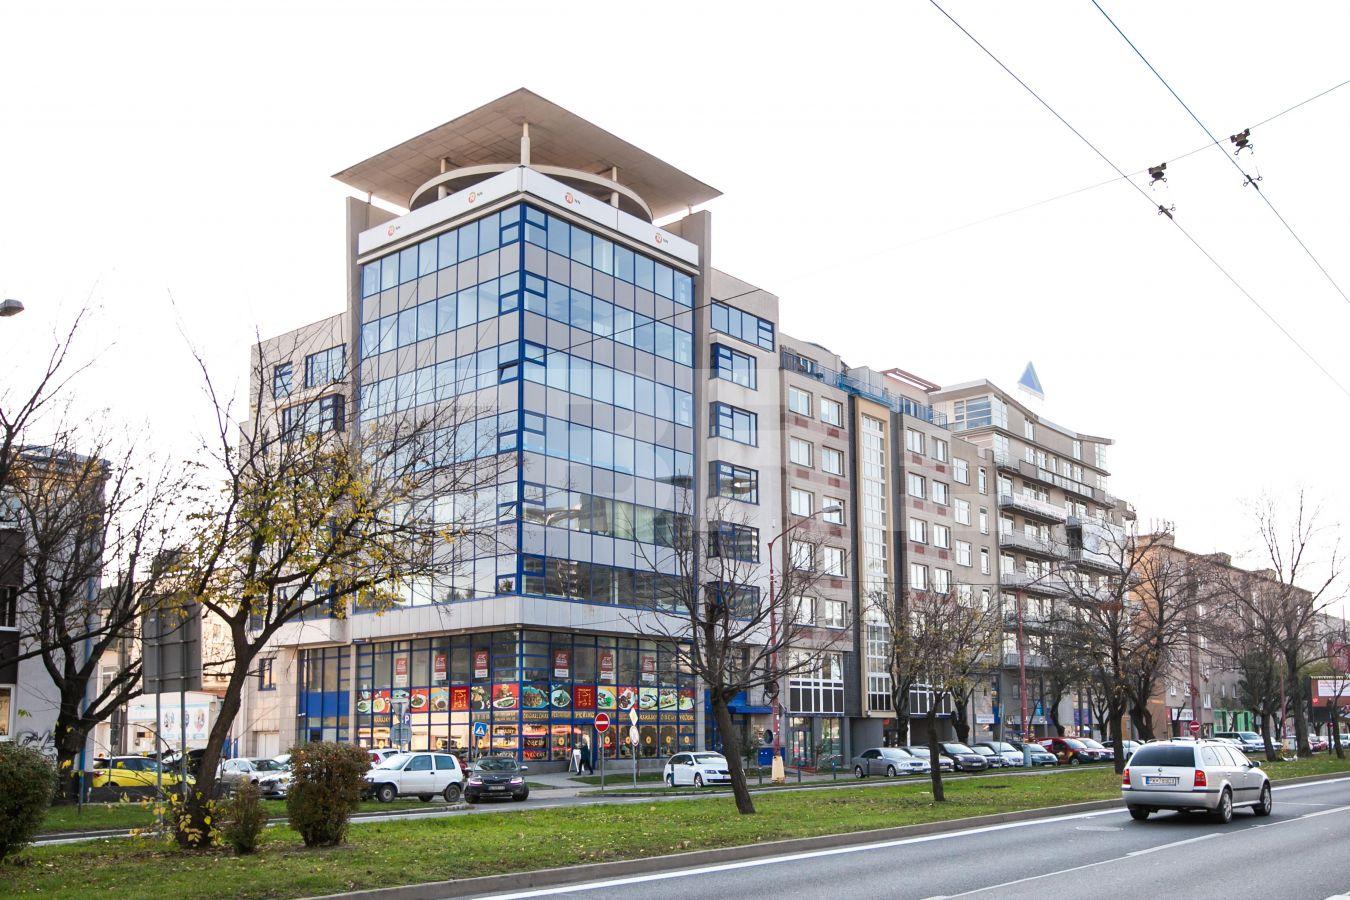 Trnavská cesta Business Center, Bratislava - Nové Mesto | Offices for rent by CBRE | 1